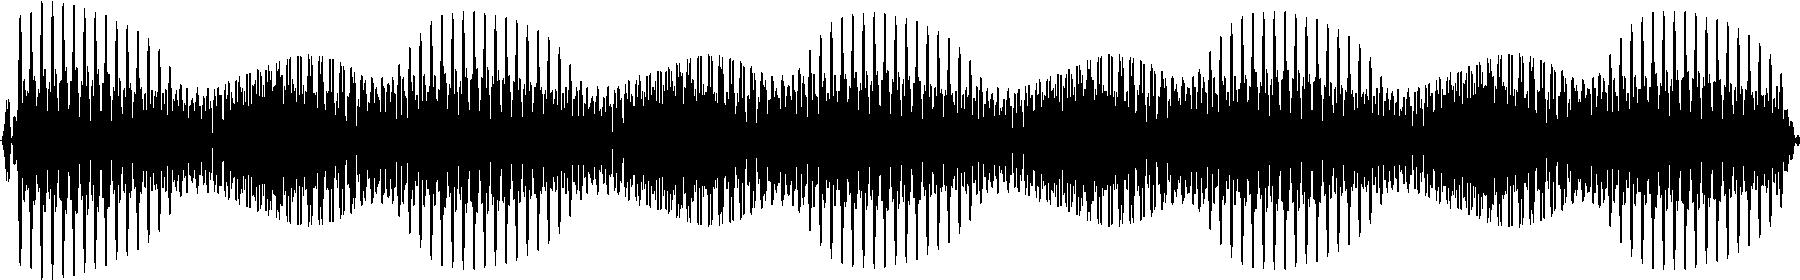 vedh bass cut 111 f